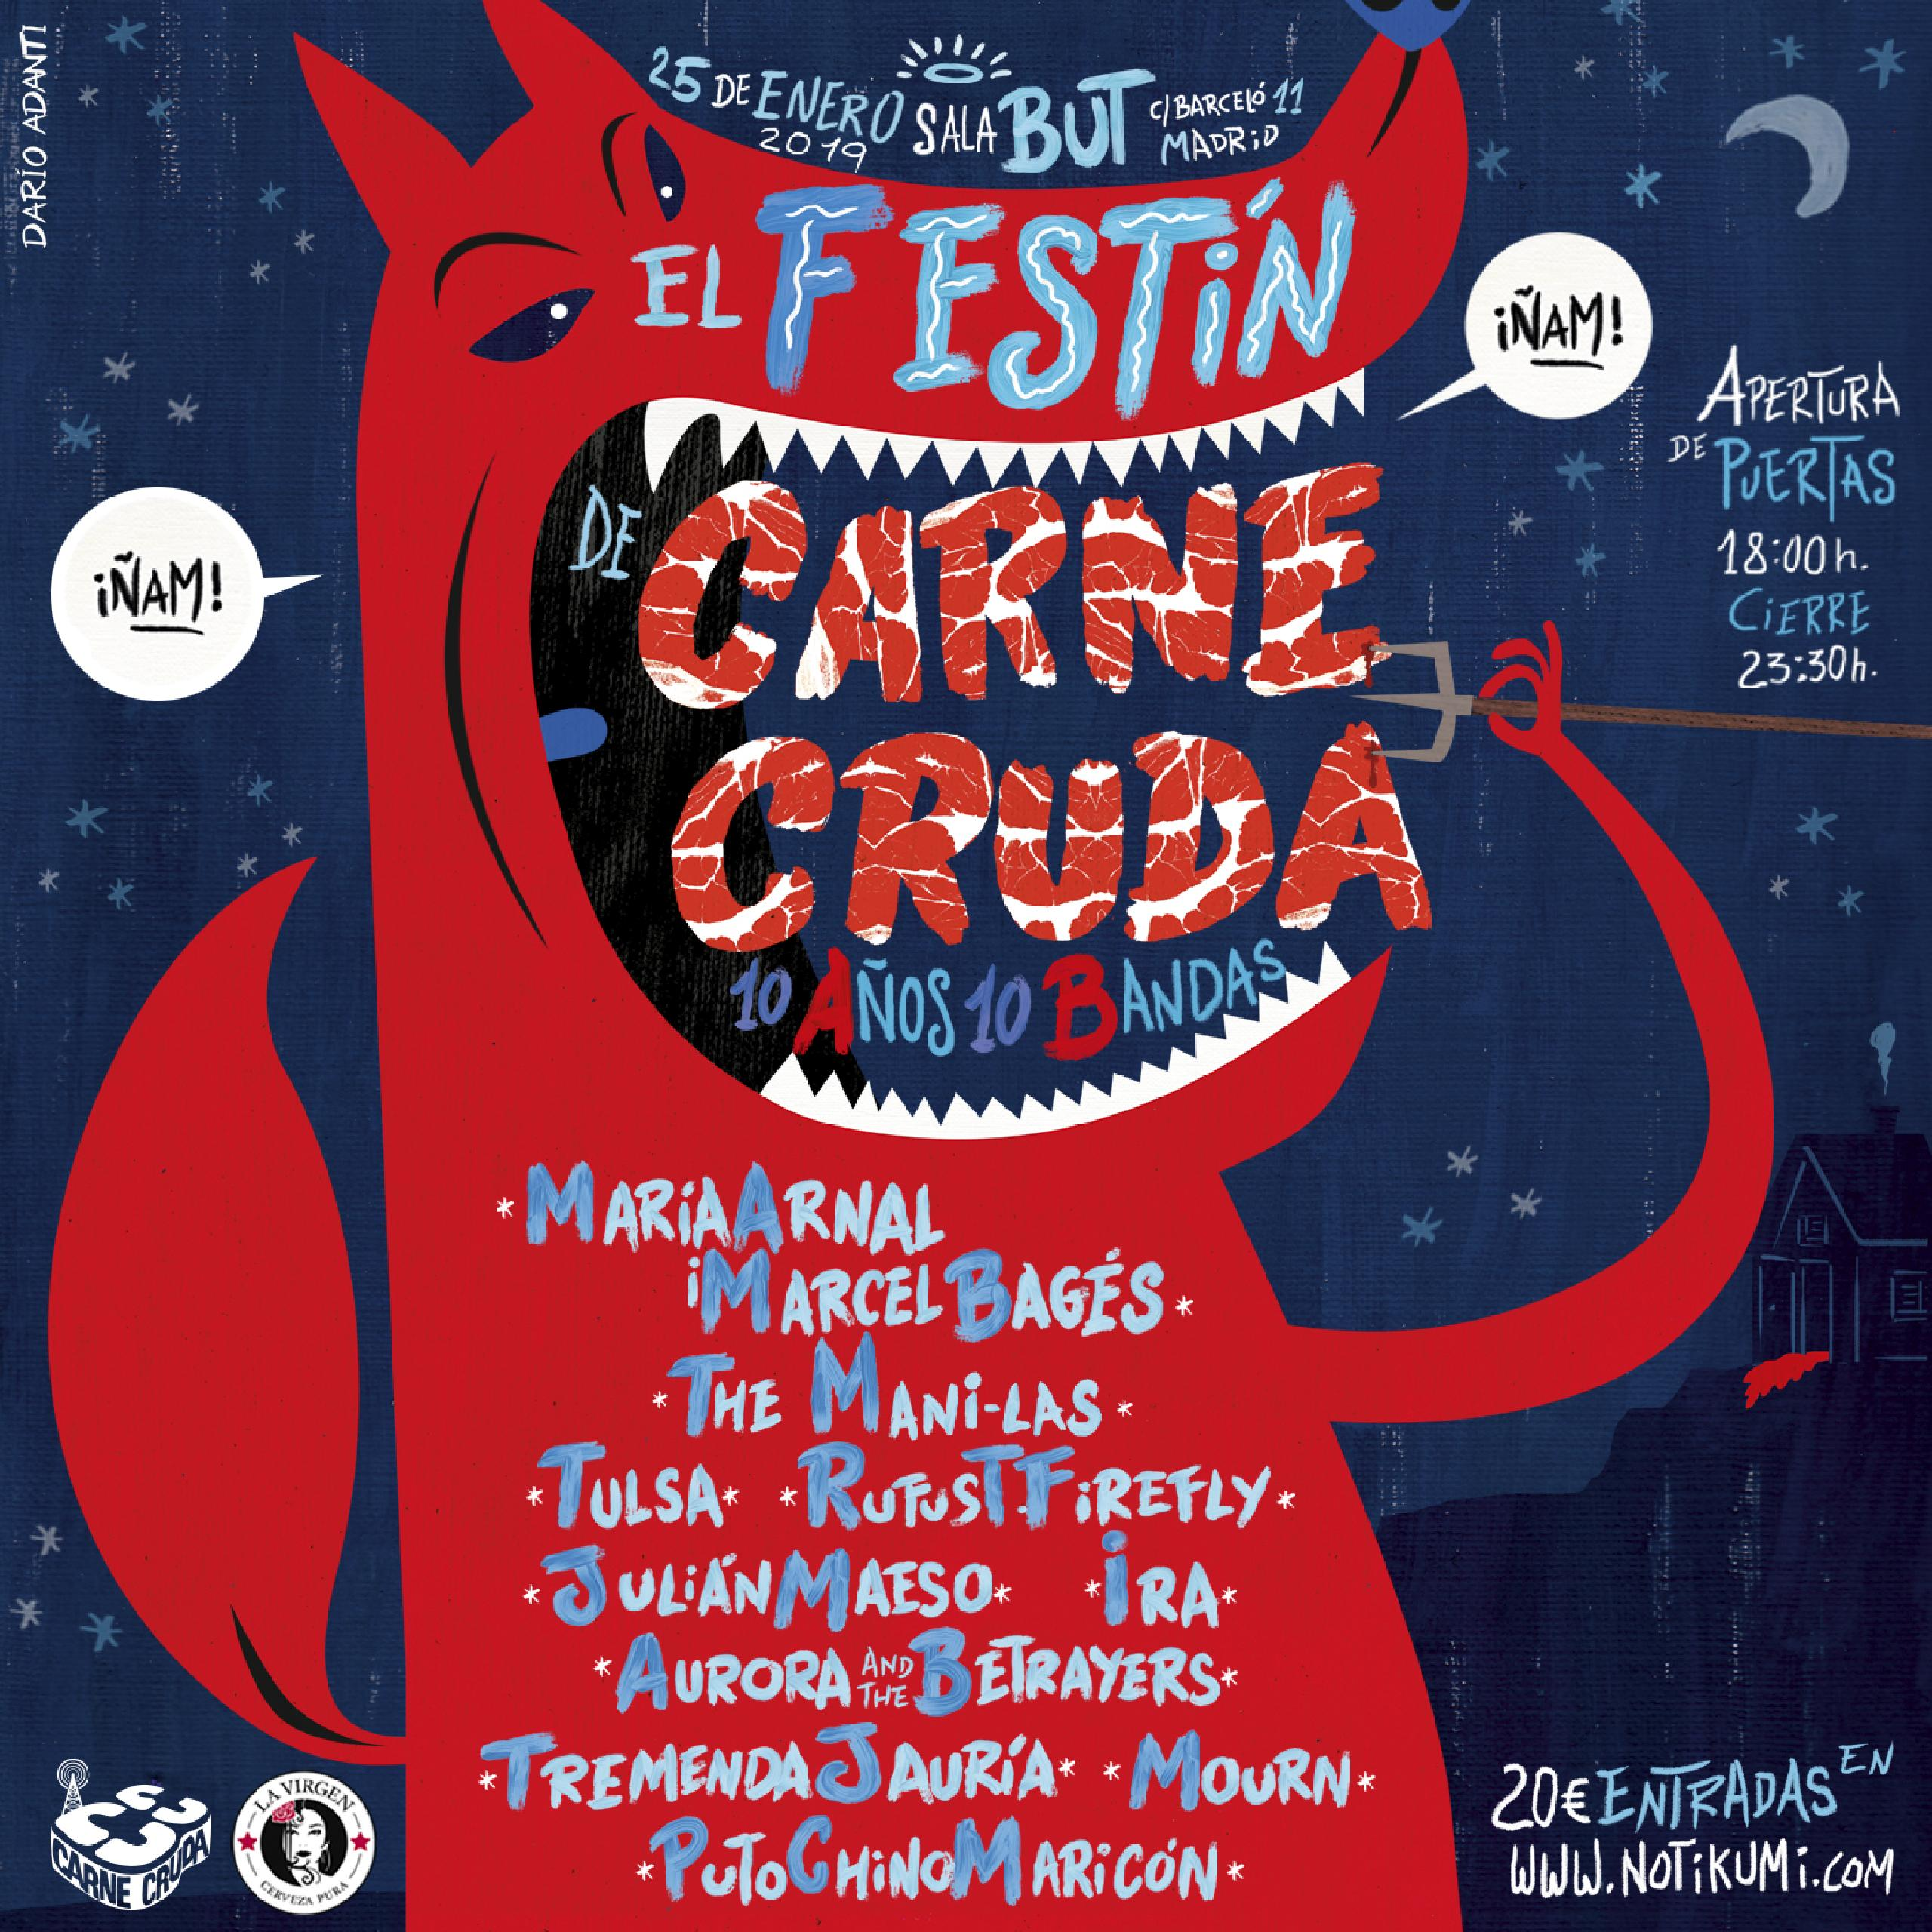 Cartel El Festin de Carne Cruda Sala But